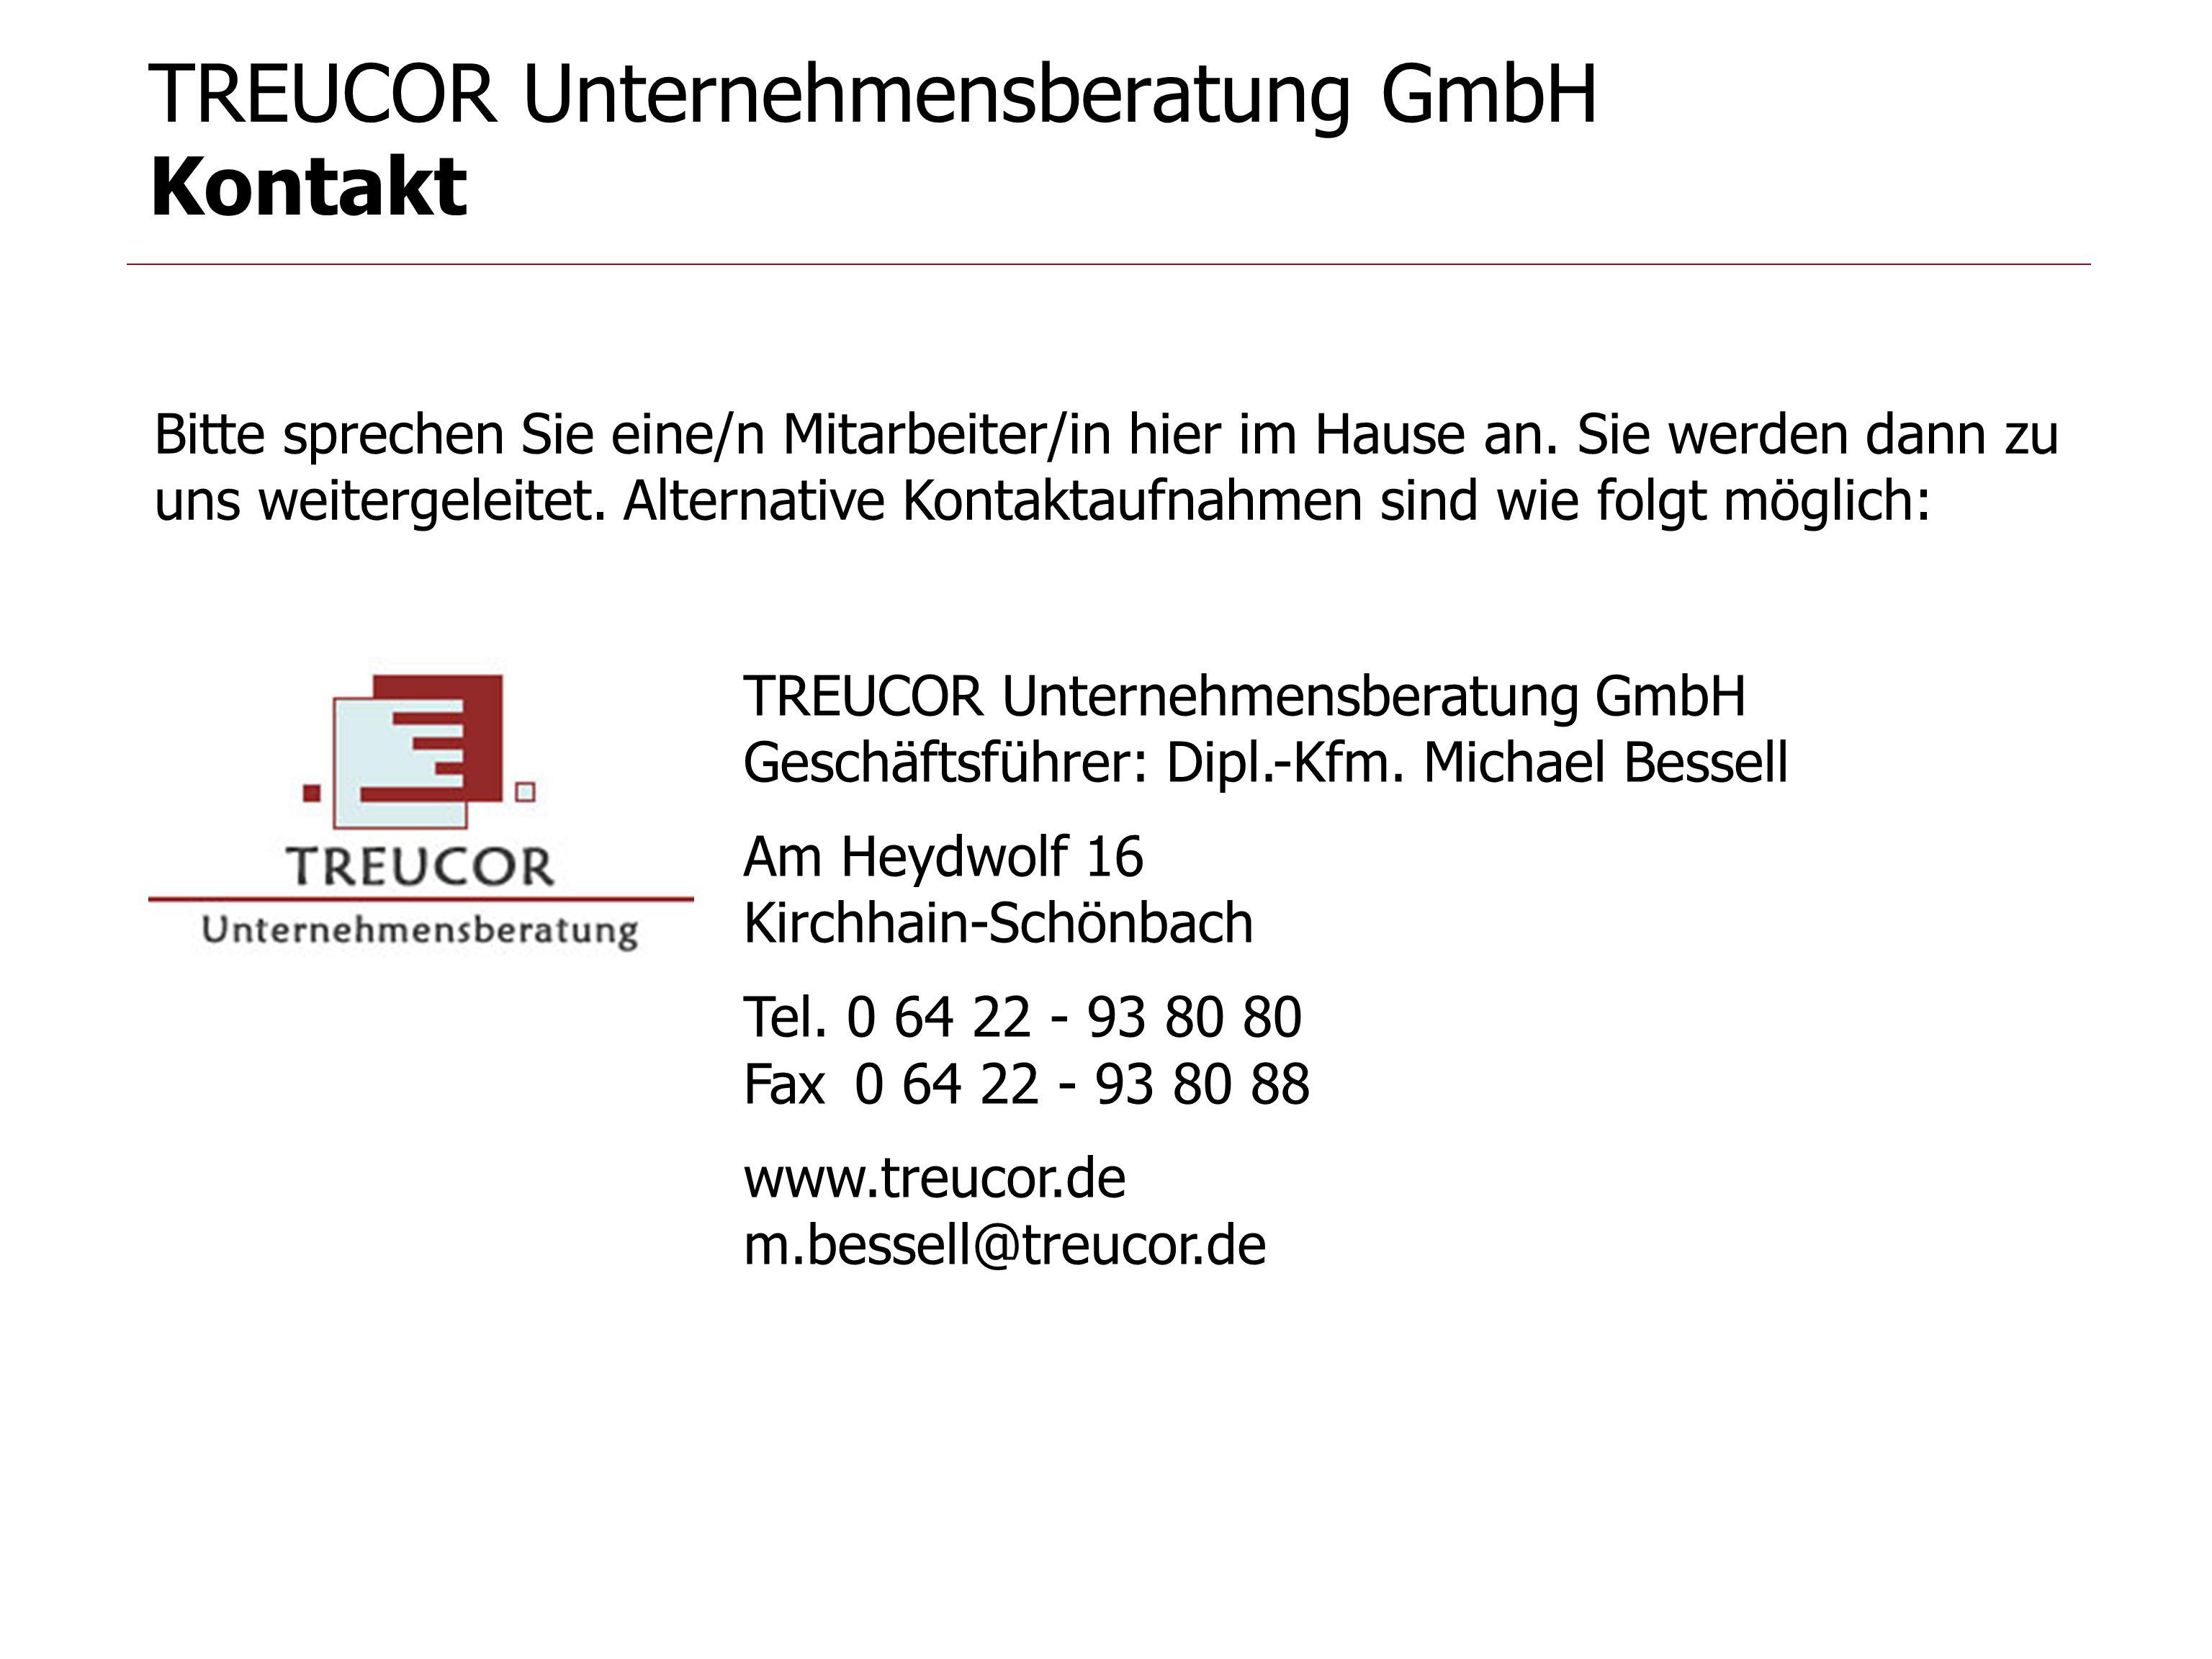 TREUCOR Unternehmensberatung GmbH Kontakt Bitte sprechen Sie eine/n Mitarbeiter/in hier im Hause an. Sie werden dann zu uns weitergeleitet. Alternativ